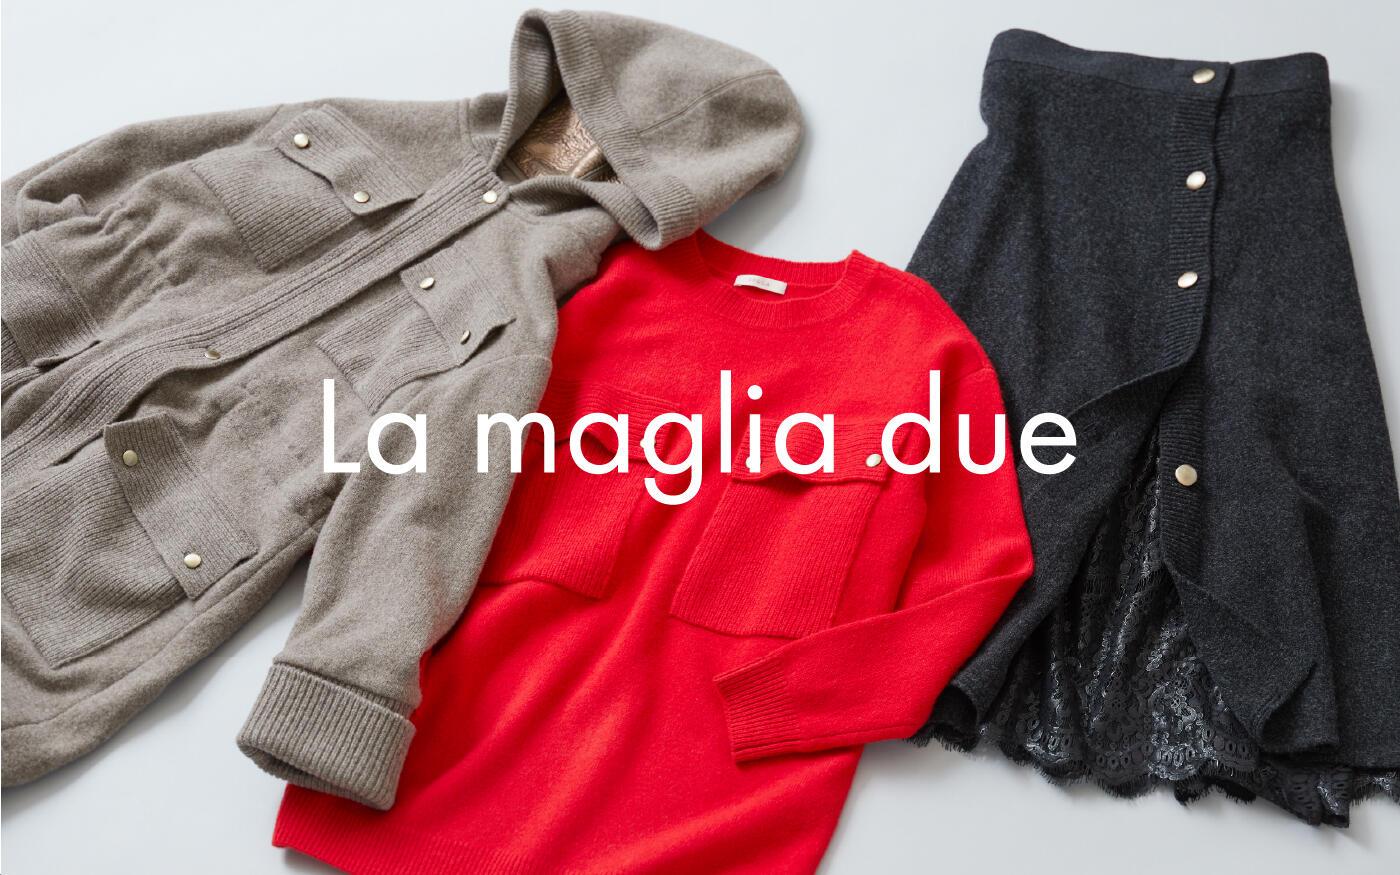 La maglia due | 素材・デザイン・着心地、ニットの魅力を心から味わえる「ラ・マリア」 ウィンターコレクション